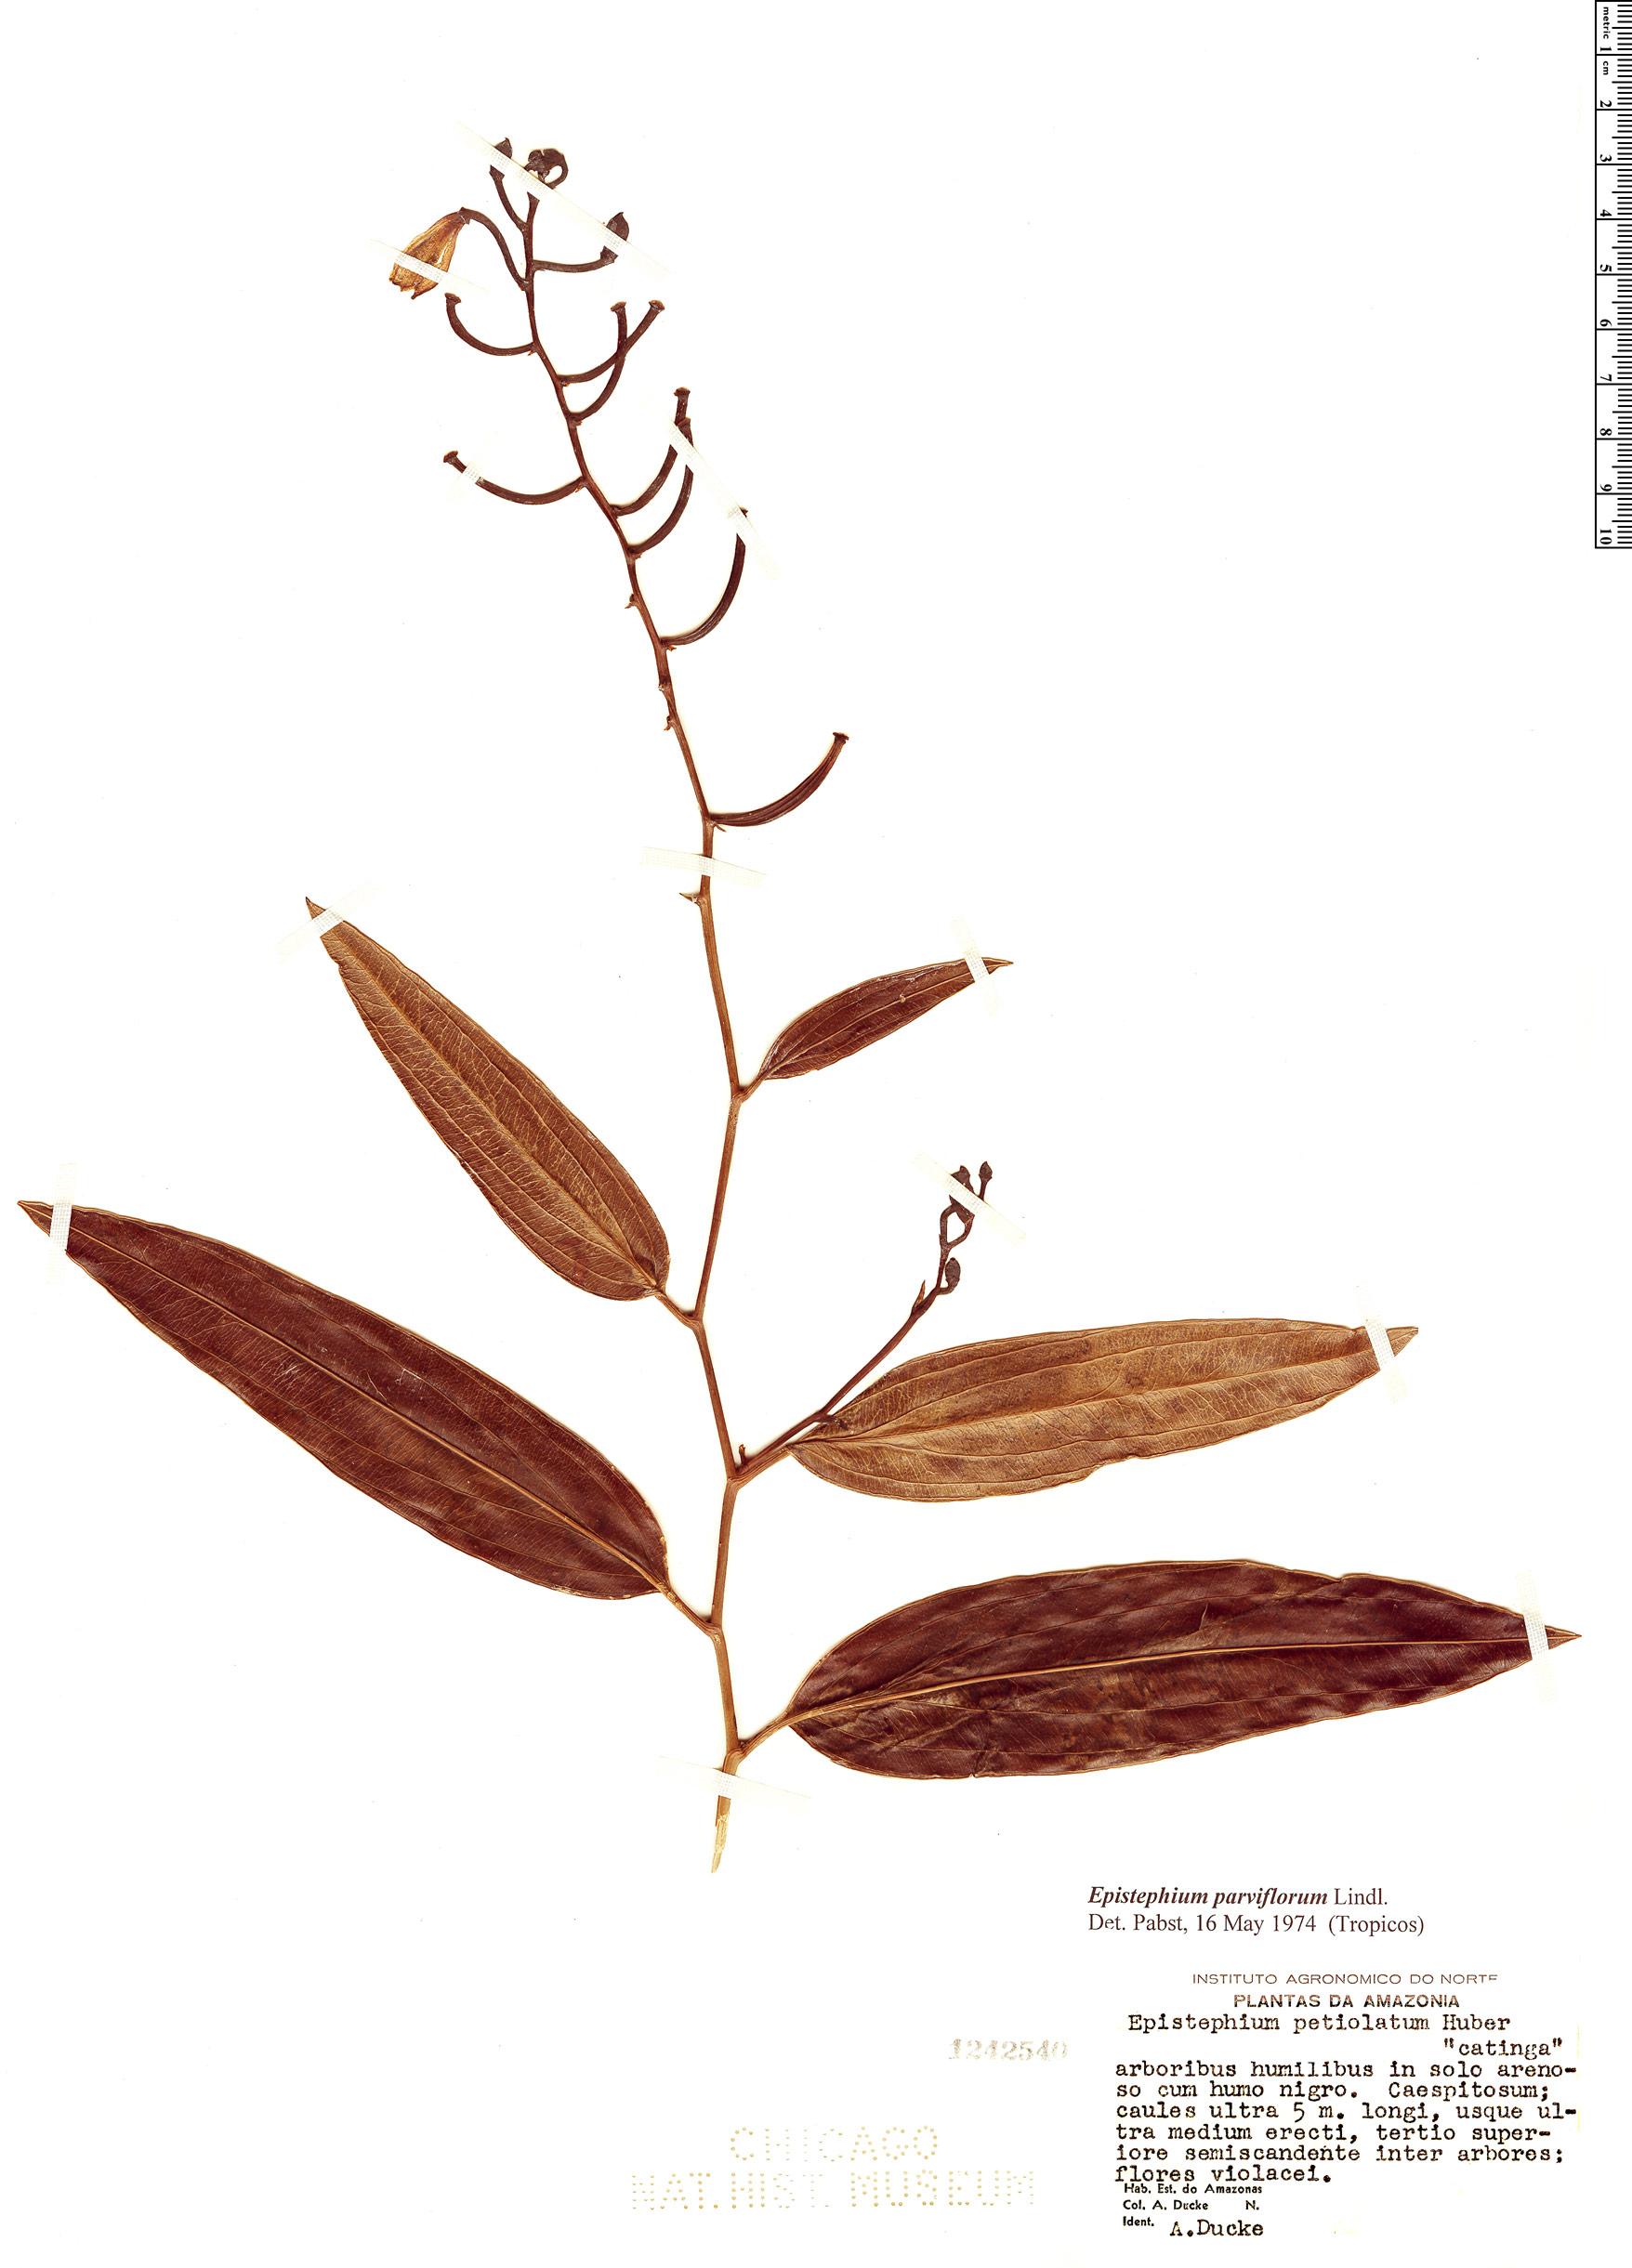 Specimen: Epistephium parviflorum